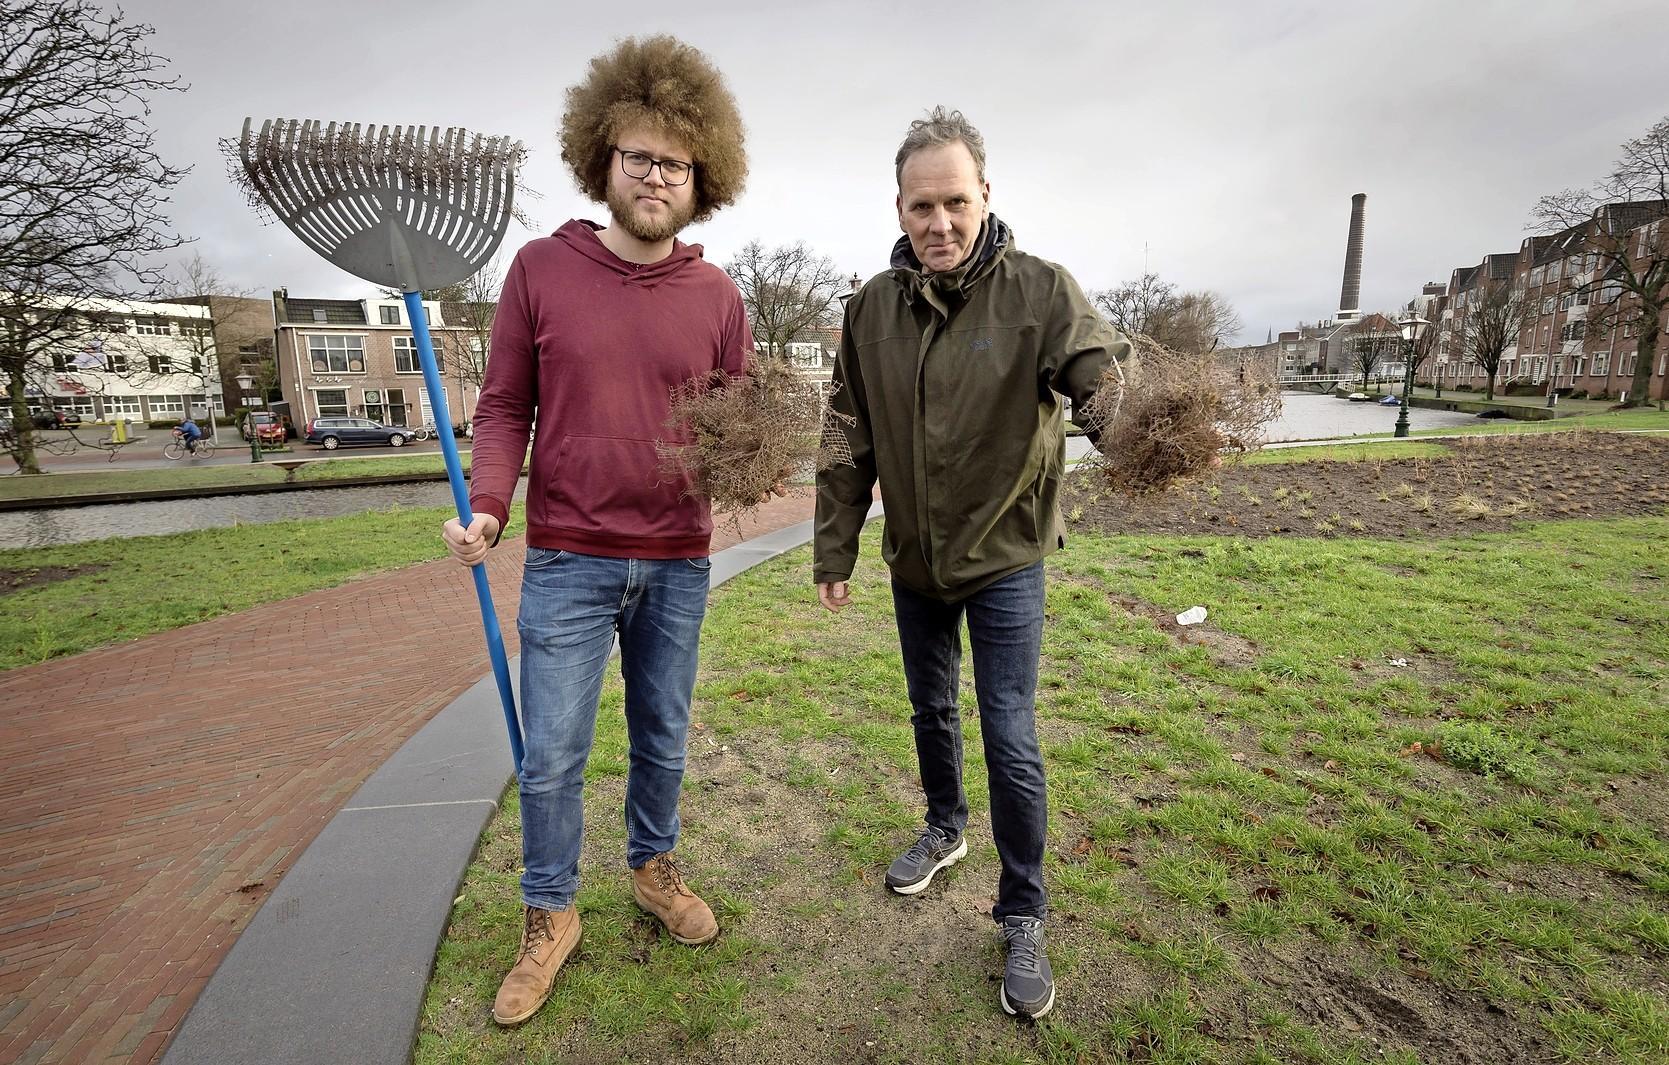 Leidse grachten vol met duizenden plastic grasnetjes van Lammerenmarkt